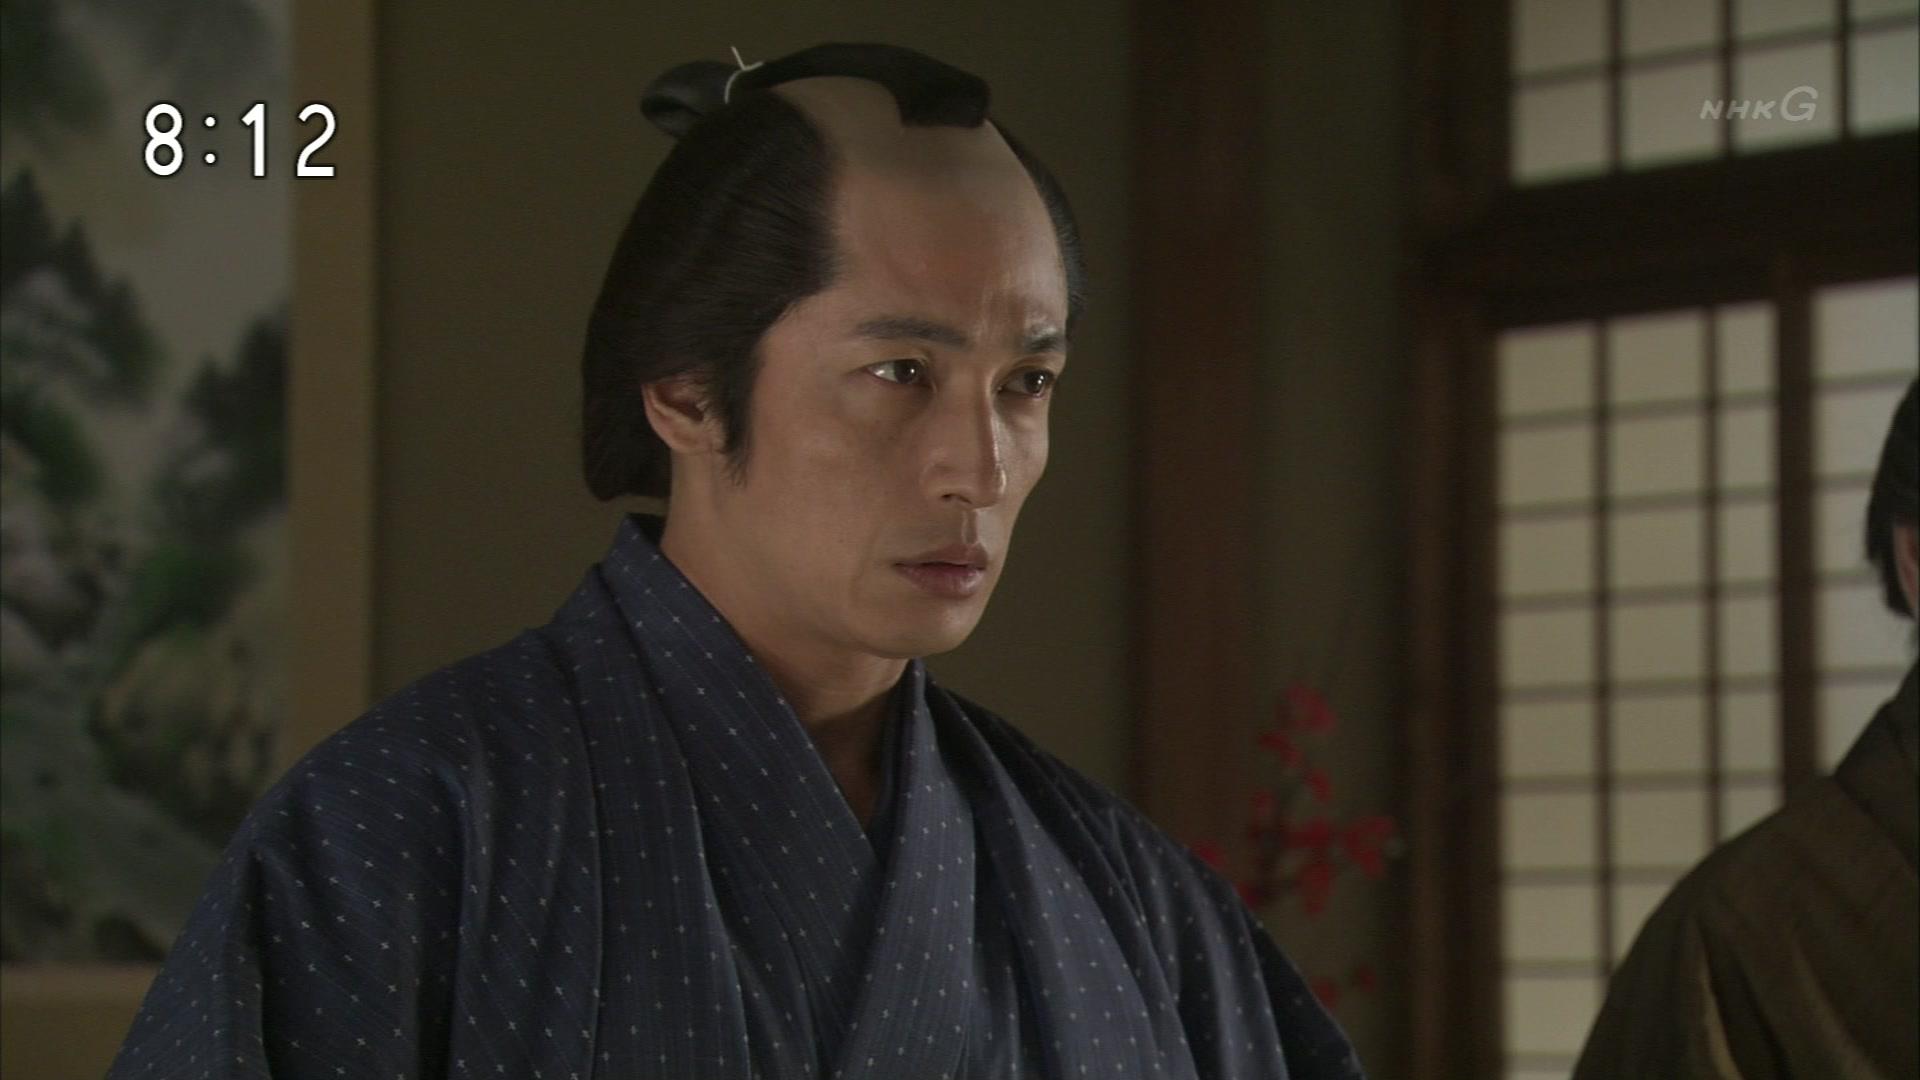 2015-10-09 08:00 連続テレビ小説 あさが来た(11)「ふたつの花びら」 2302